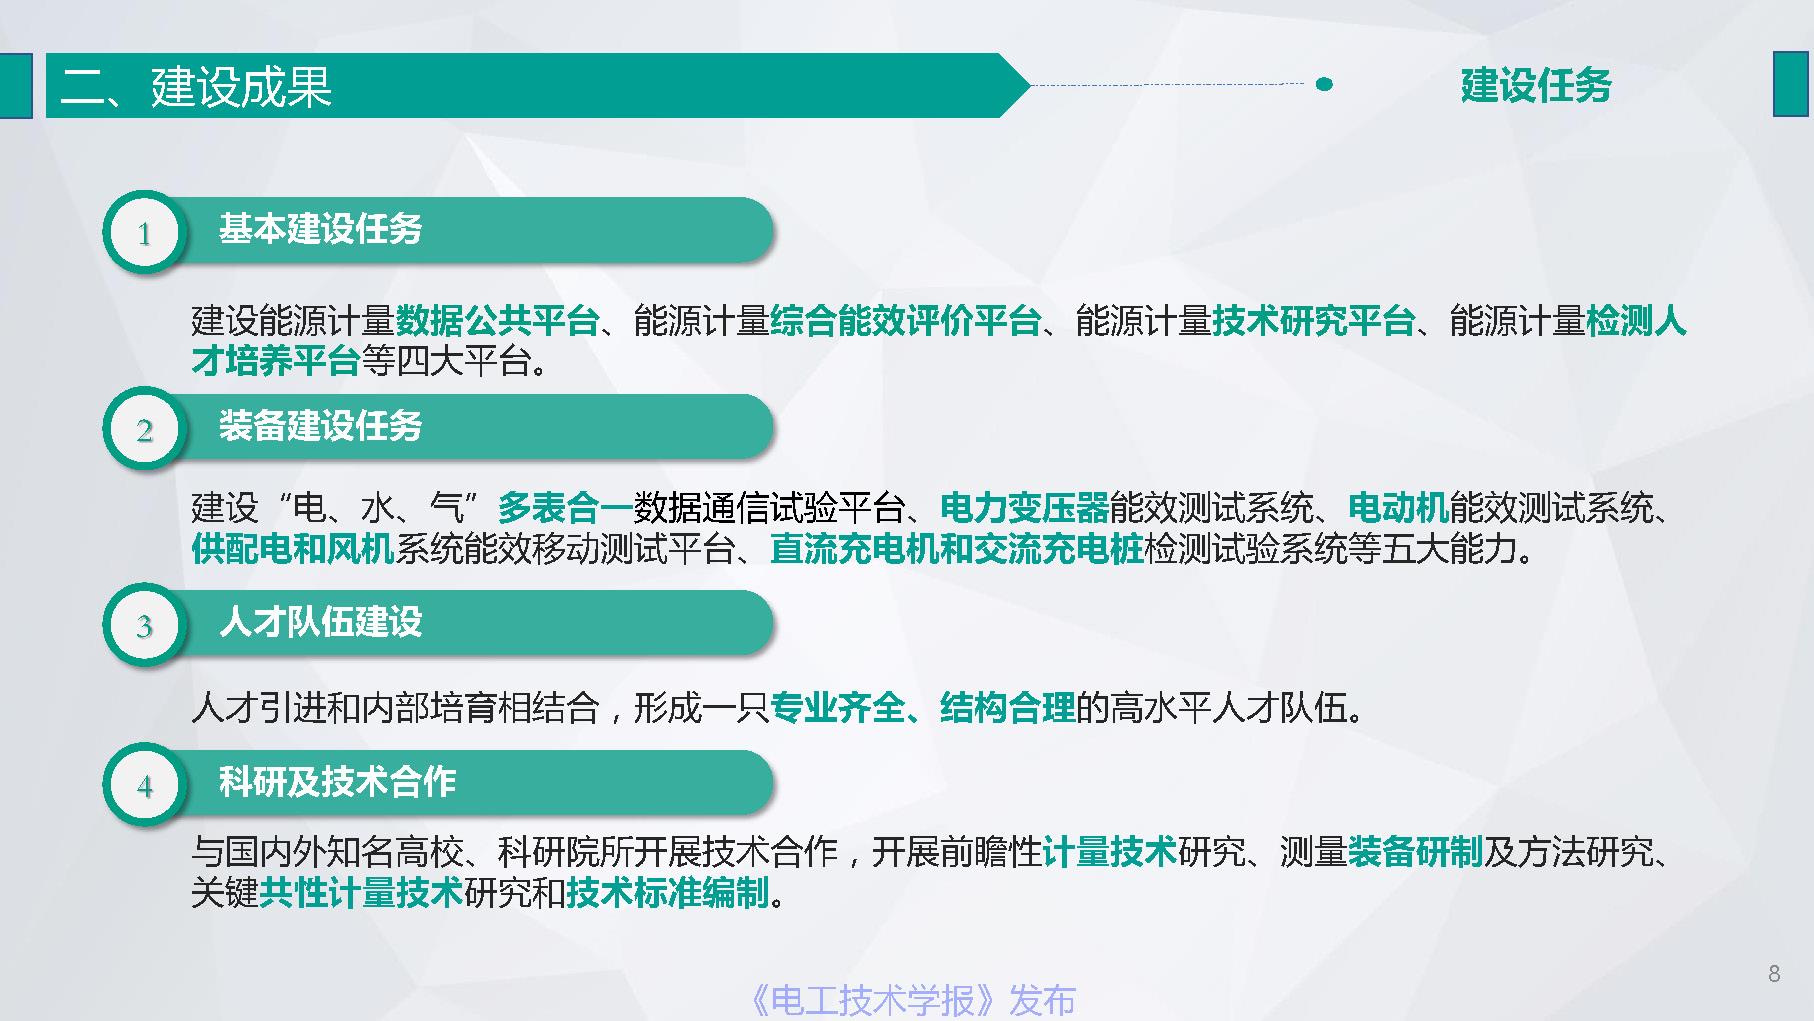 江苏省电力公司陆婋泉高工:碳计量与新型能效业务探索与展望